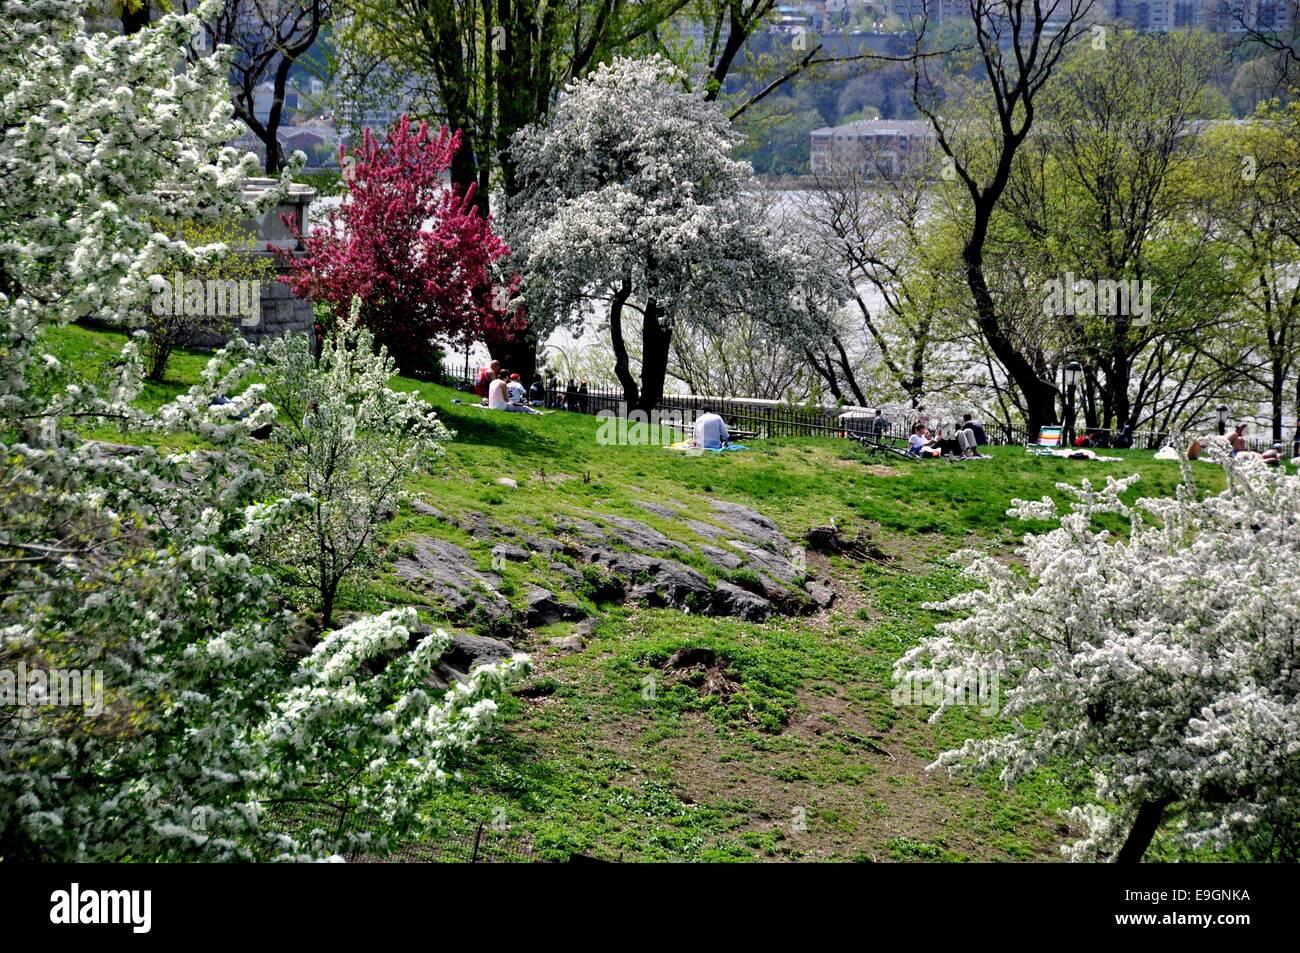 nyc beautiful spring flowering trees in riverside park